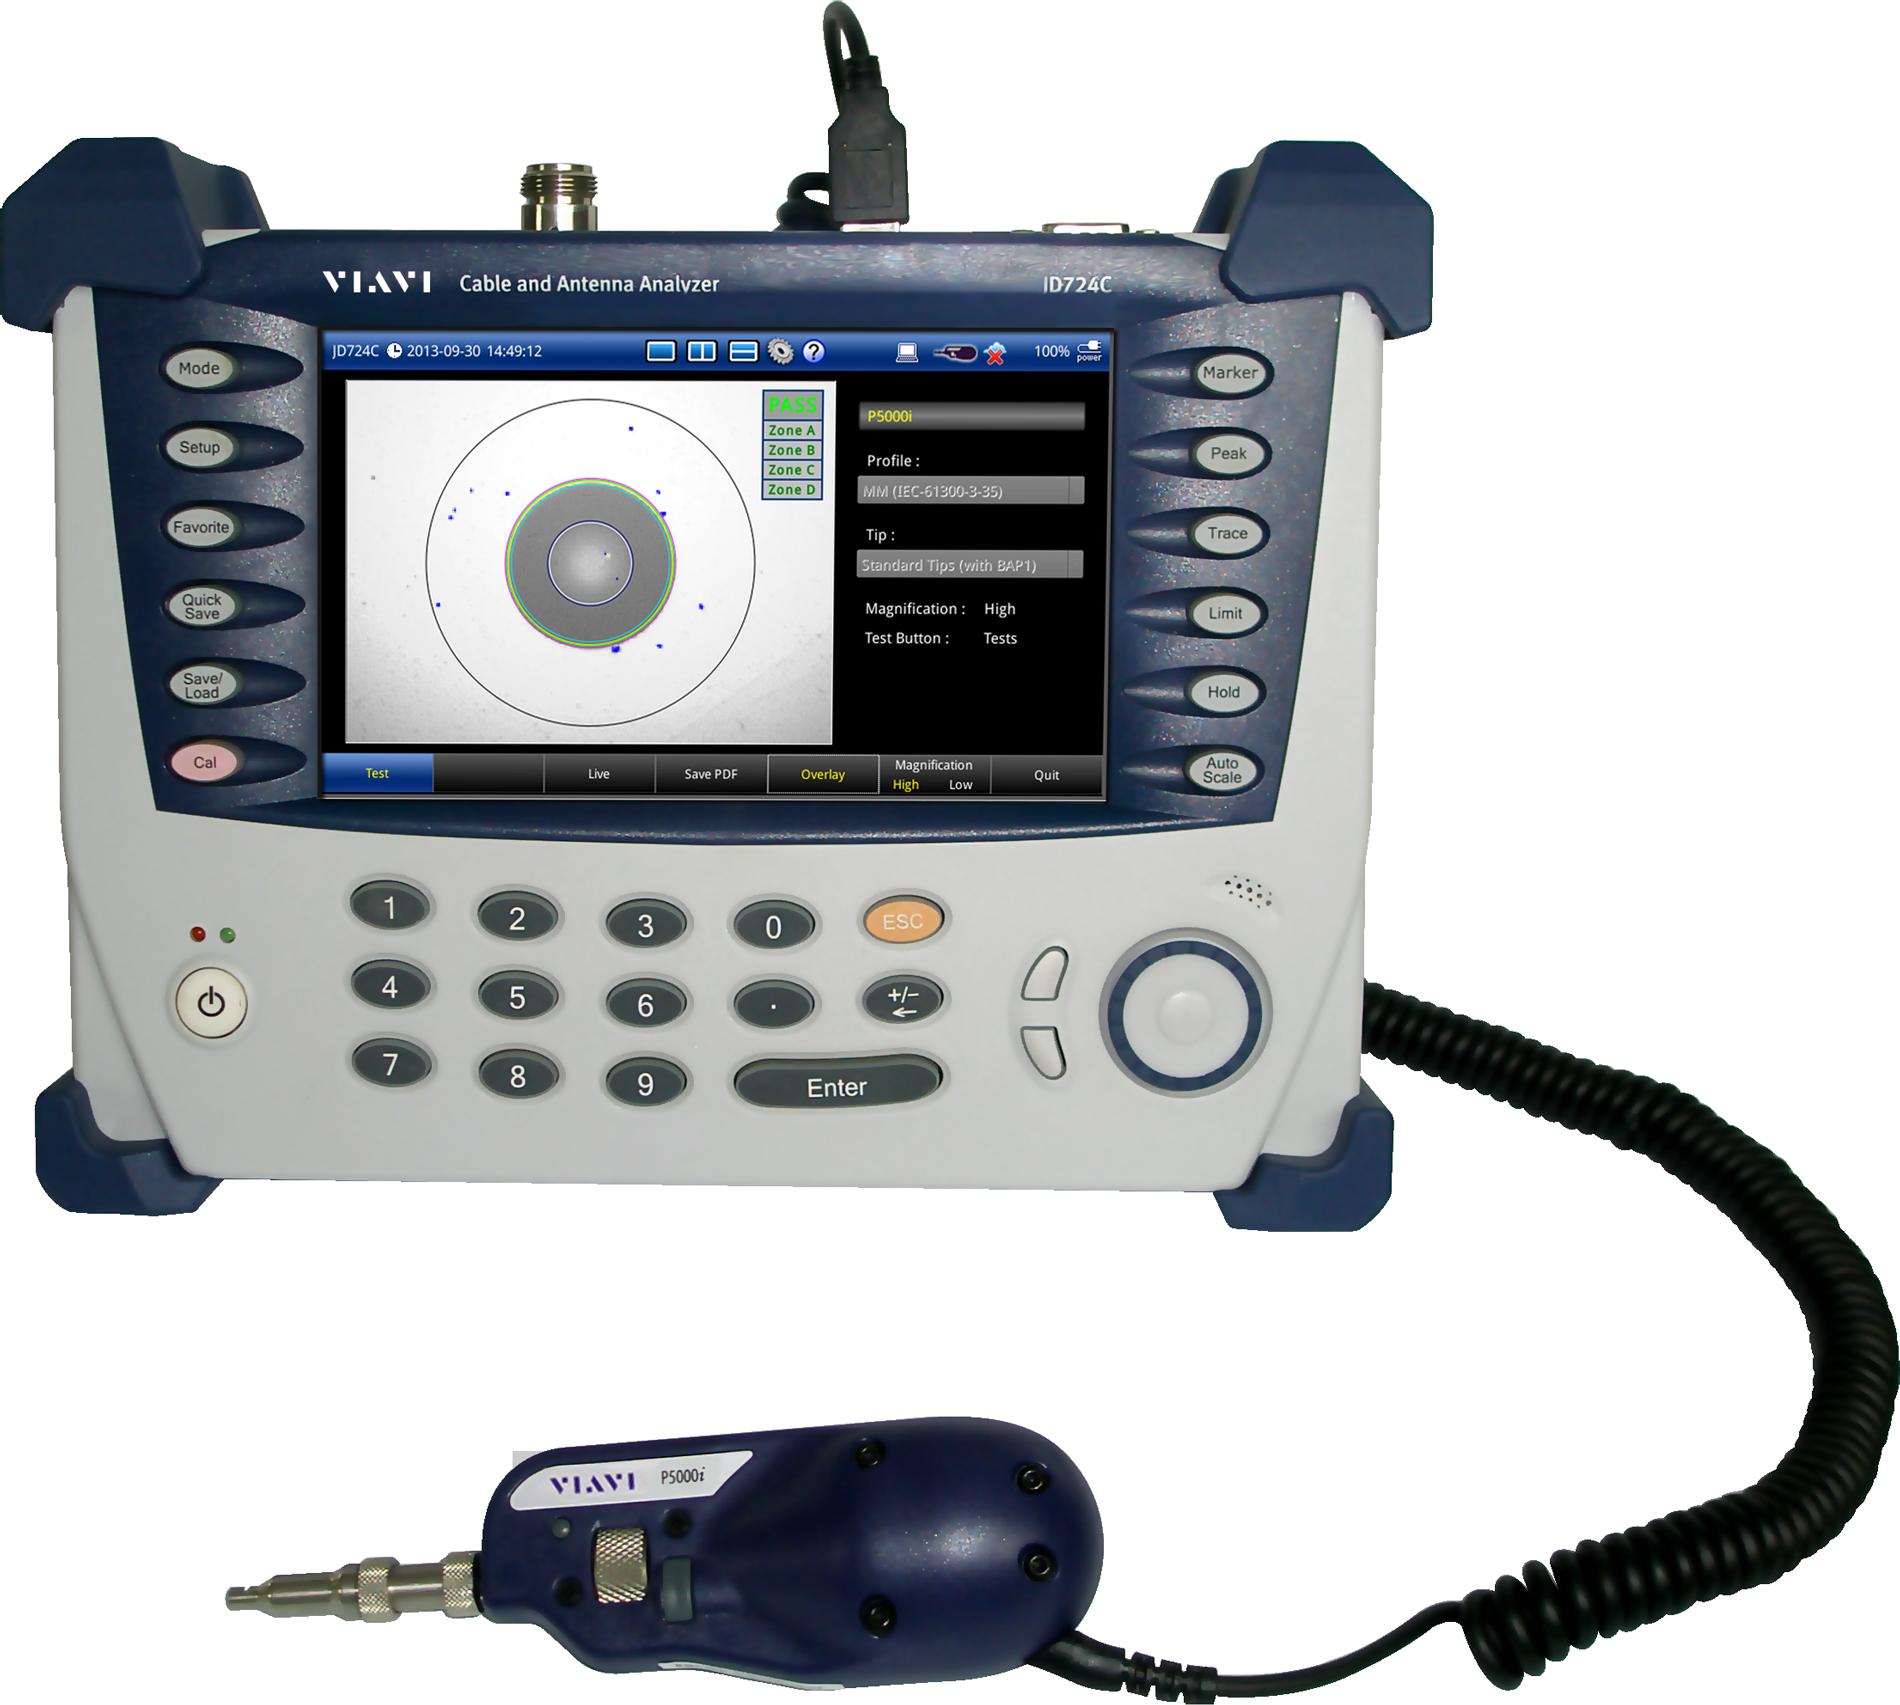 Cable and Antenna Analyzer - Integrated Fiber/Coax | VIAVI CellAdvisor